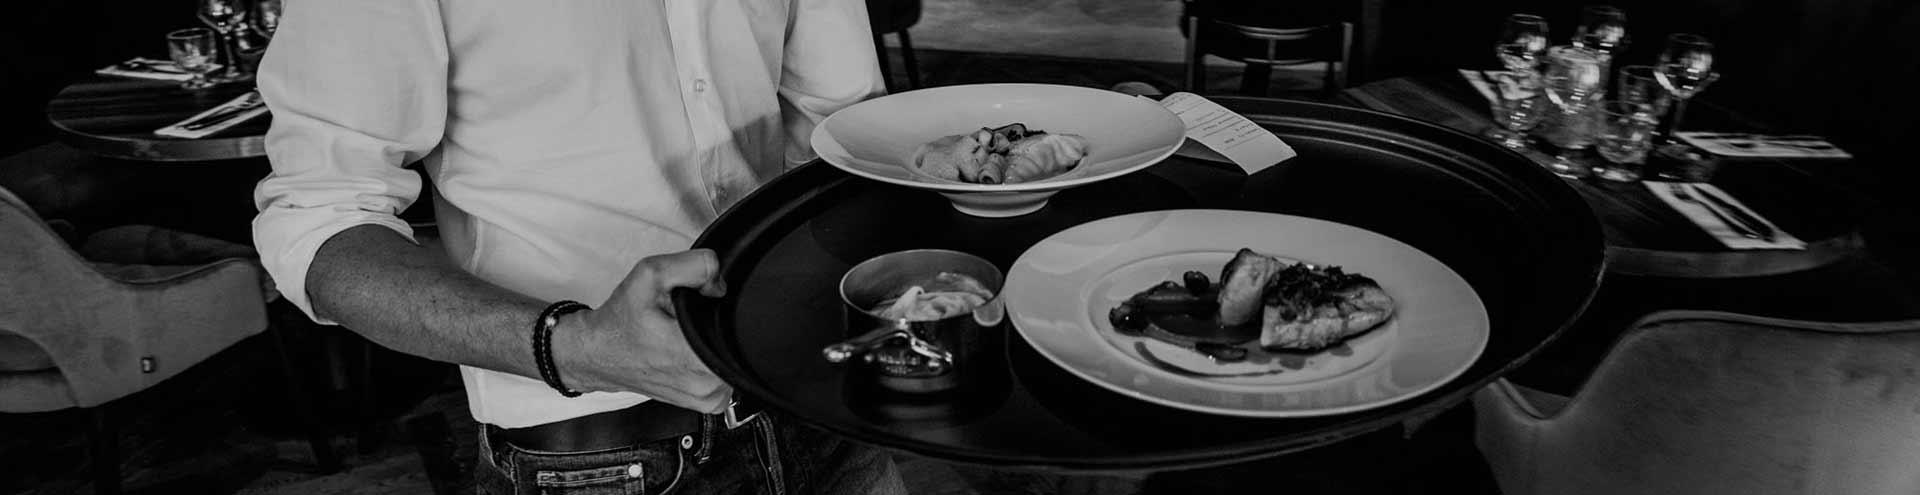 carte-restaurant-splash-asnieres-sur-seine-norbert-tarayre